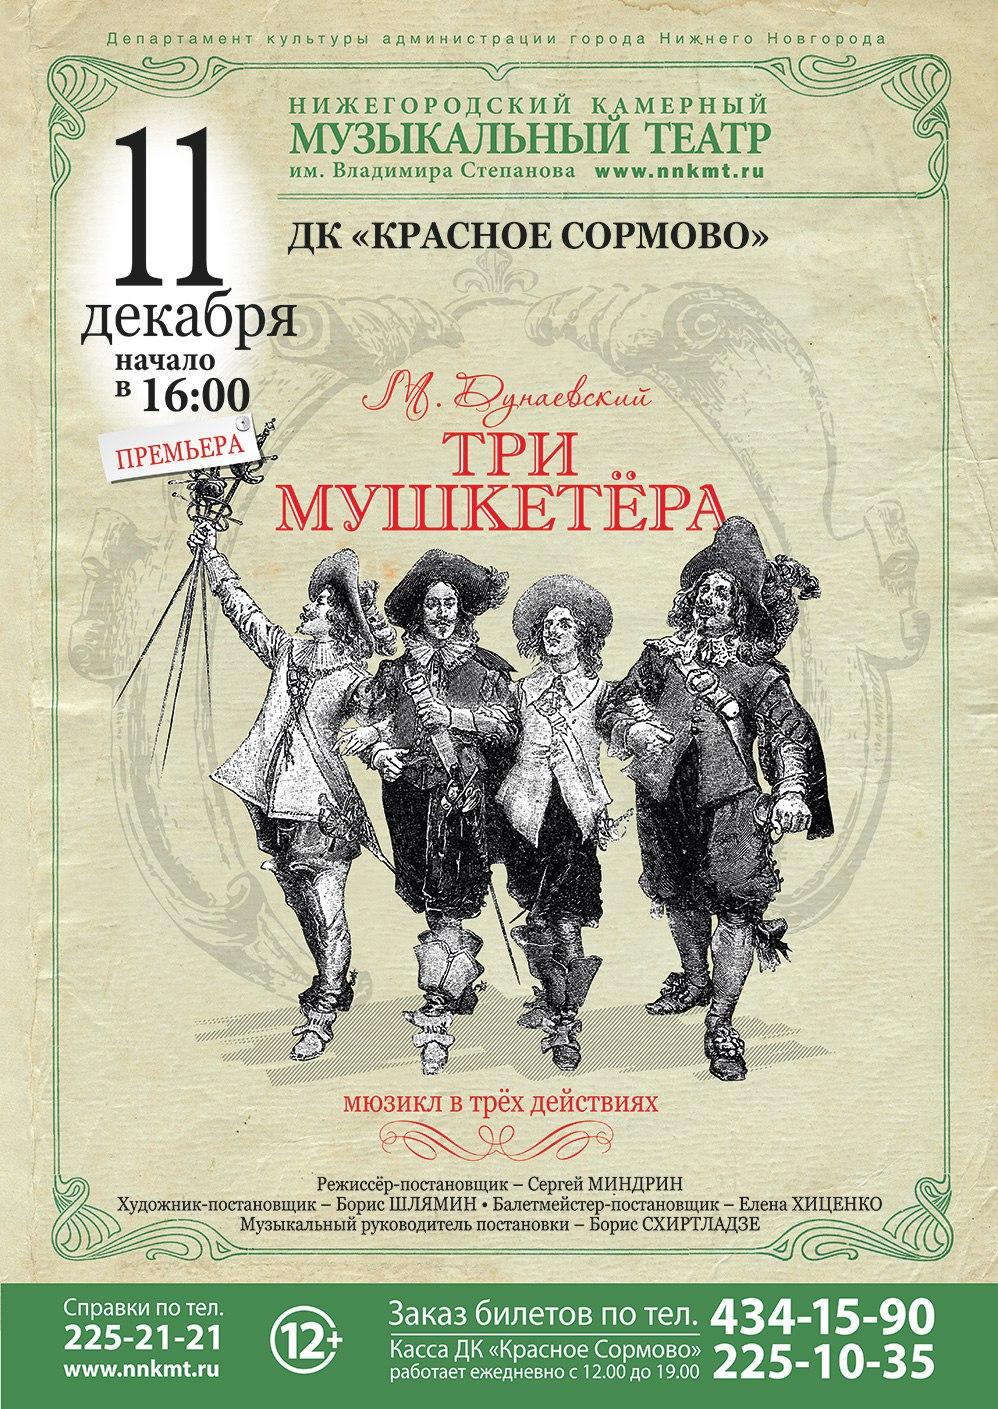 Театр степанова нижний новгород купить билет краснодар театр афиша